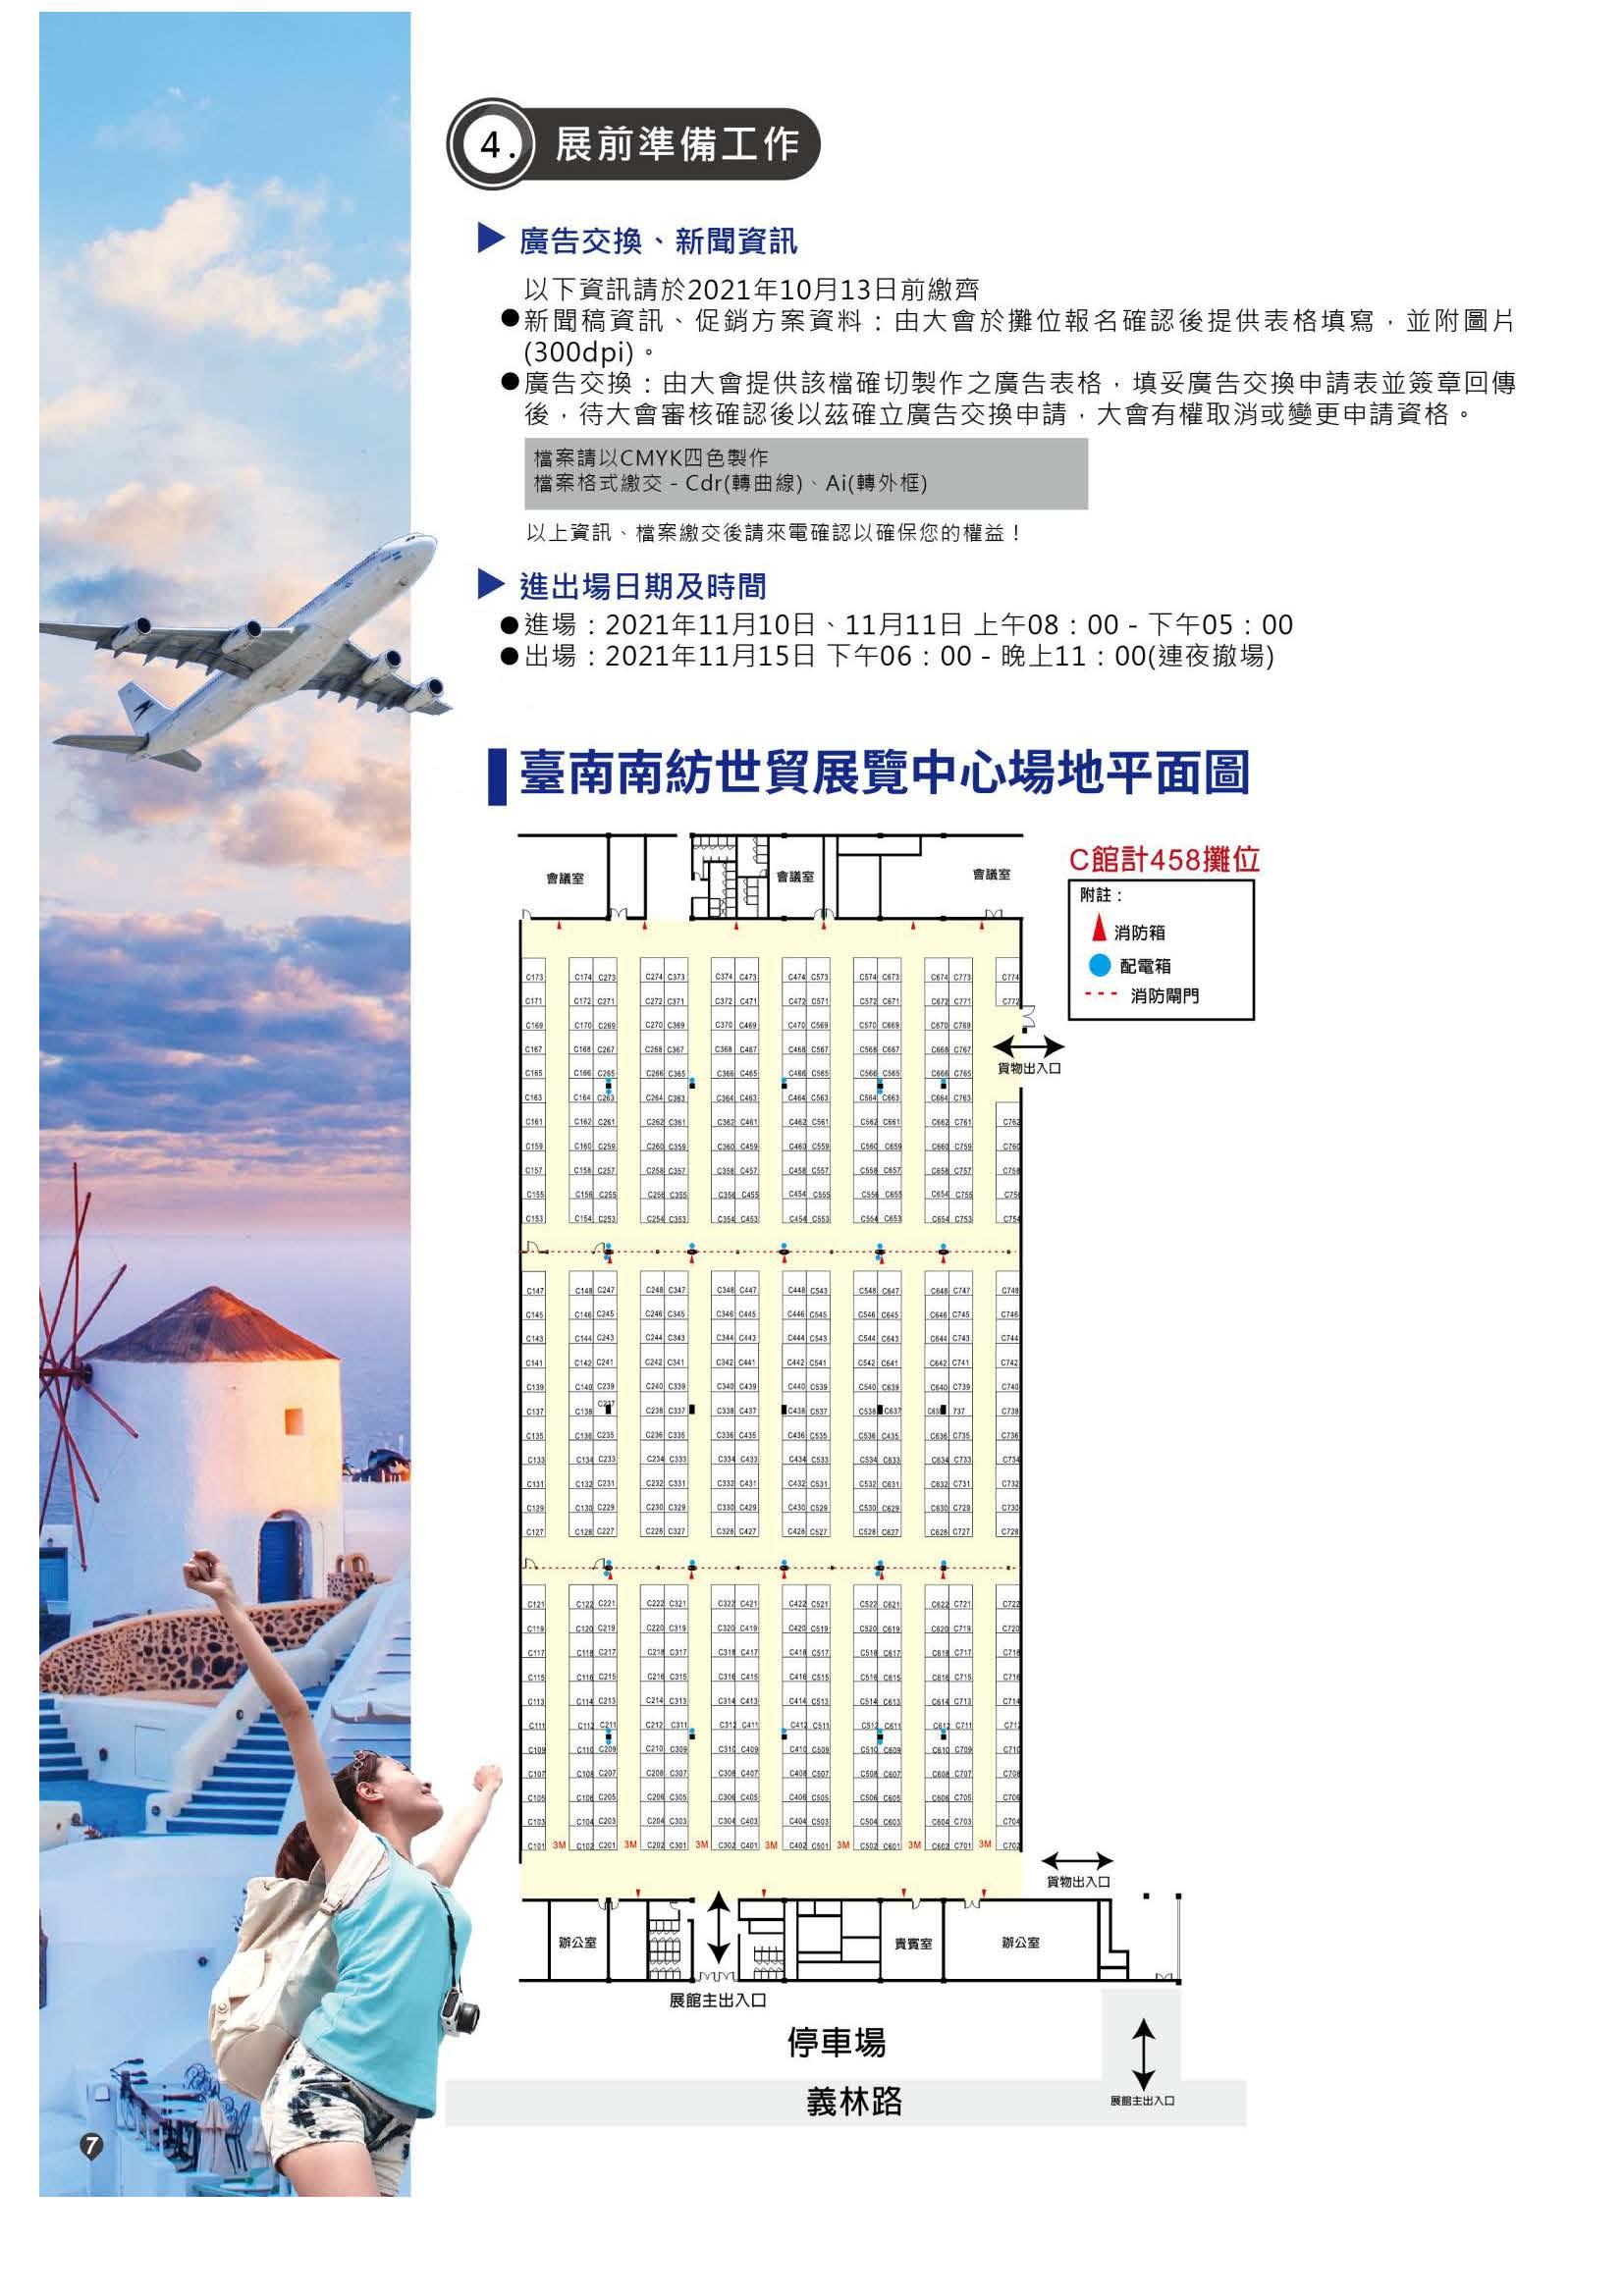 2021.11.12-15大臺南旅展企劃書(單頁版)_頁面_08